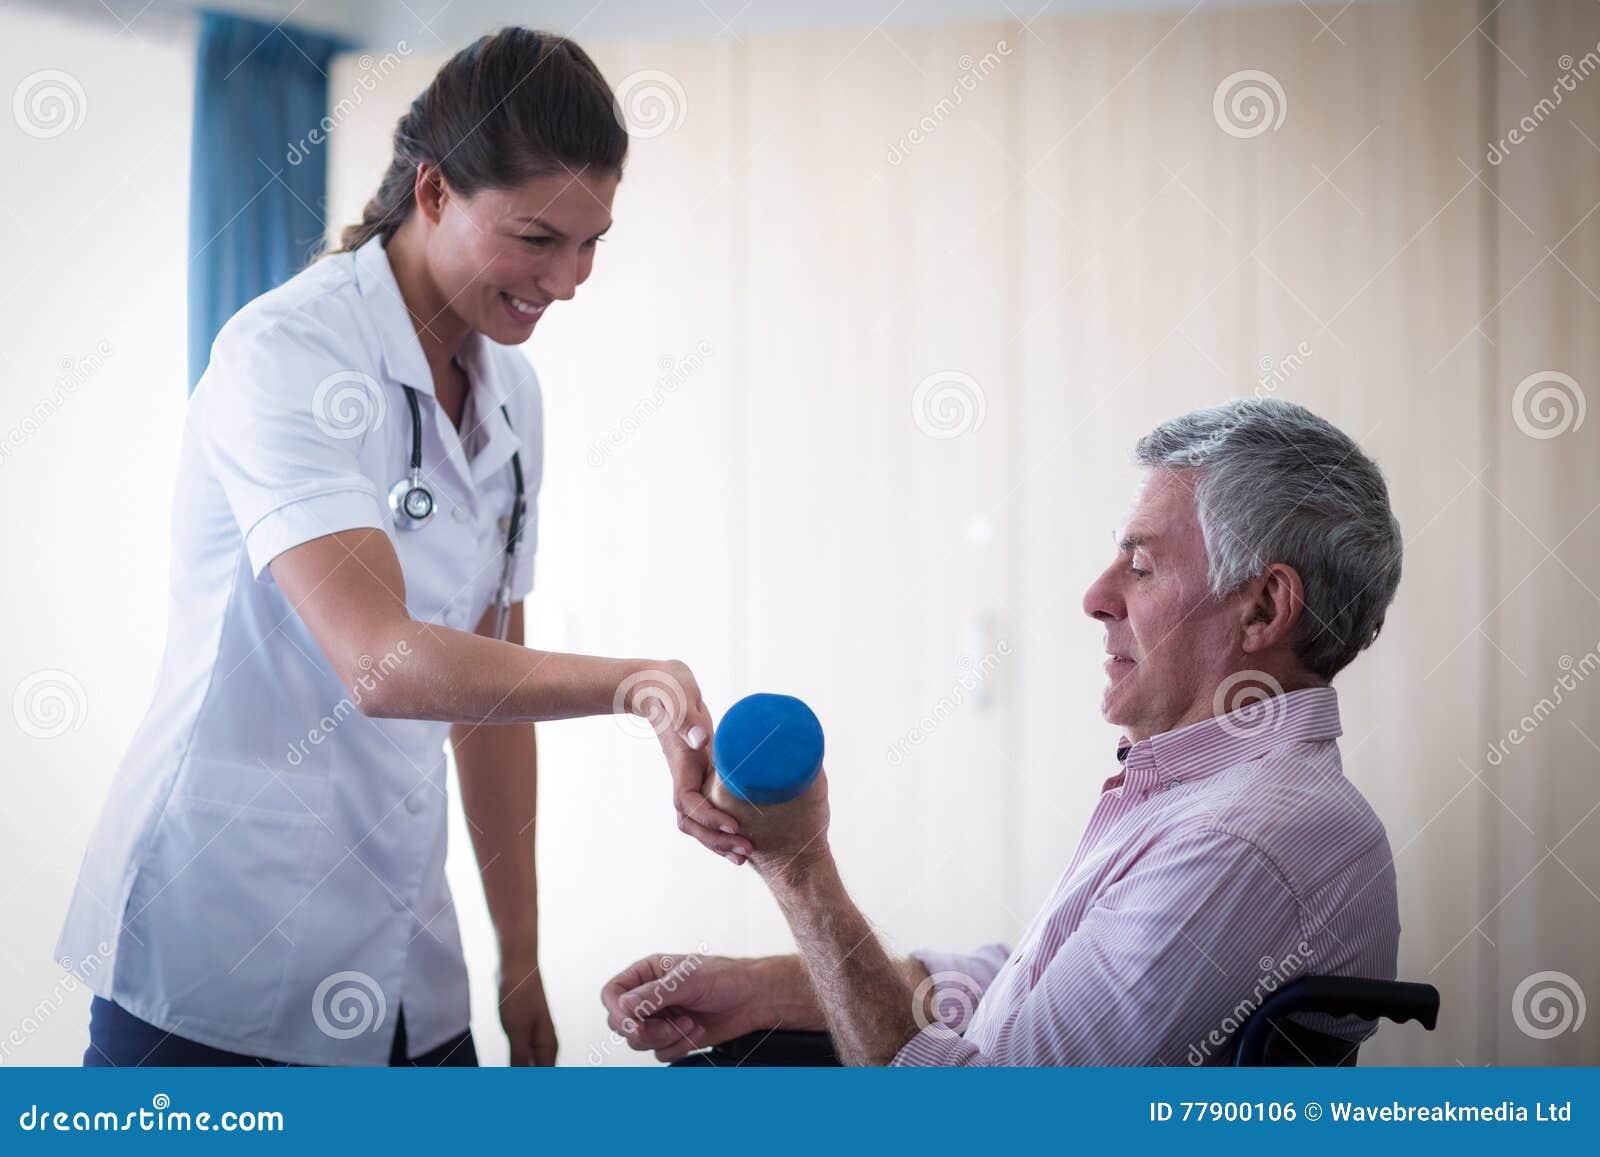 Ärztin, die älteren Mann in anhebendem Dummkopf unterstützt